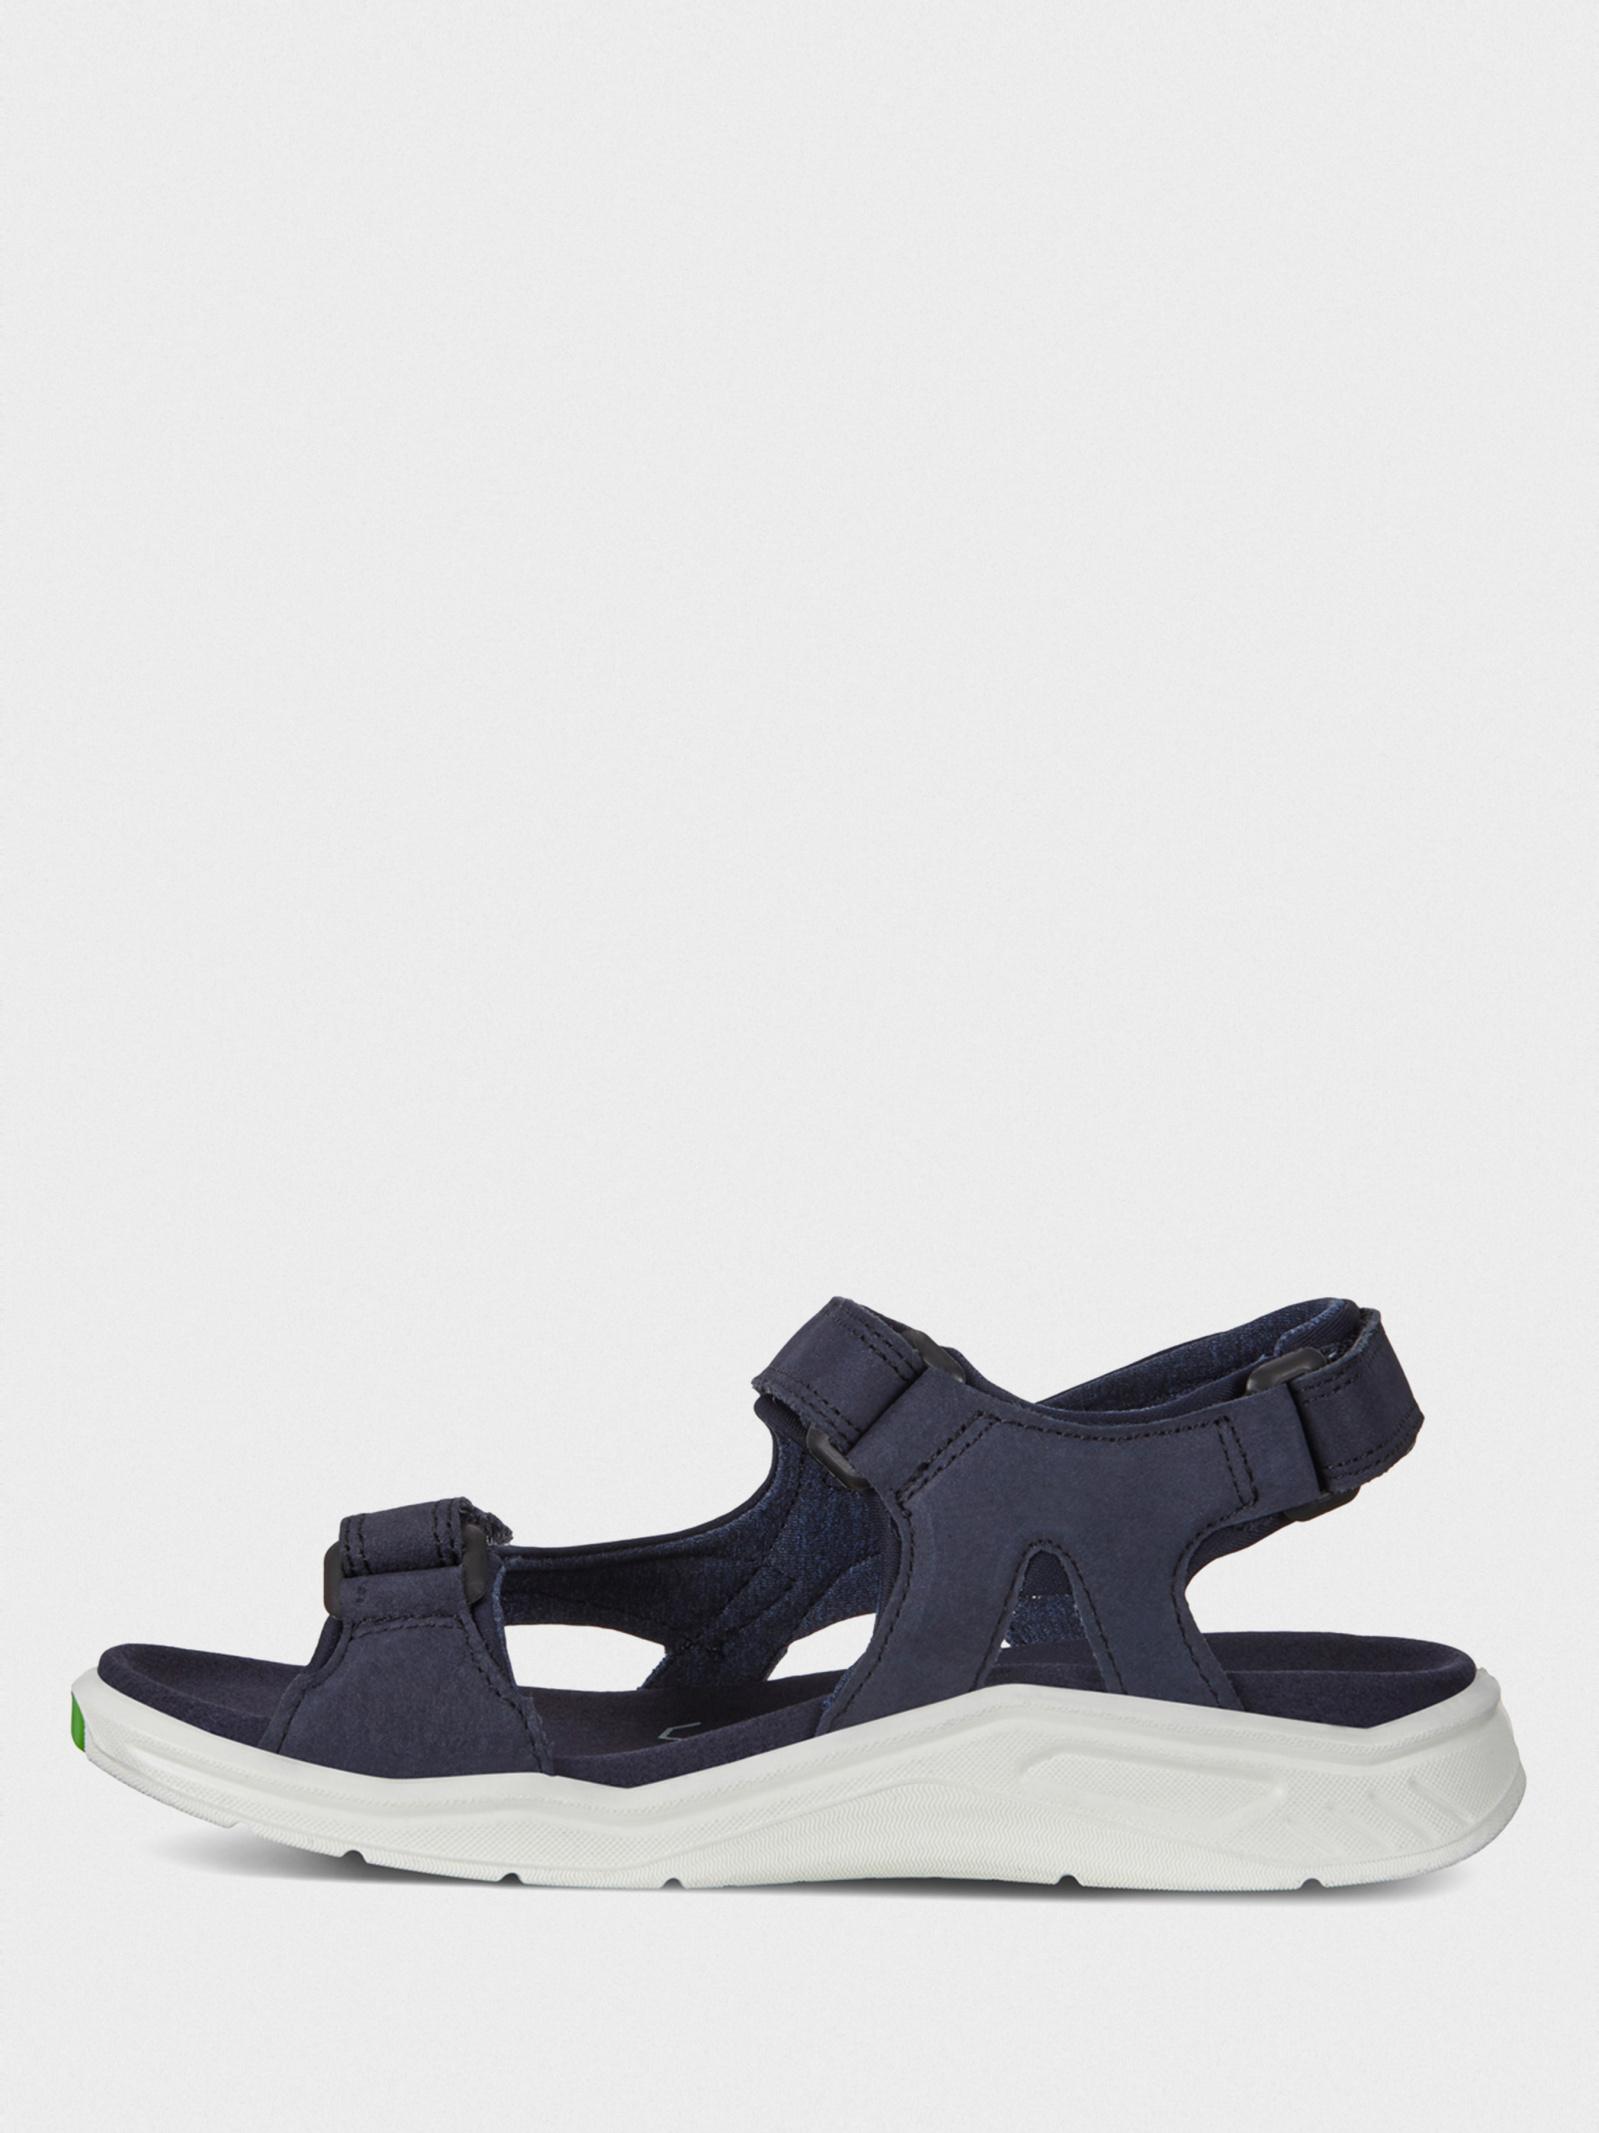 Сандалі  для дітей ECCO 710623(02303) модне взуття, 2017